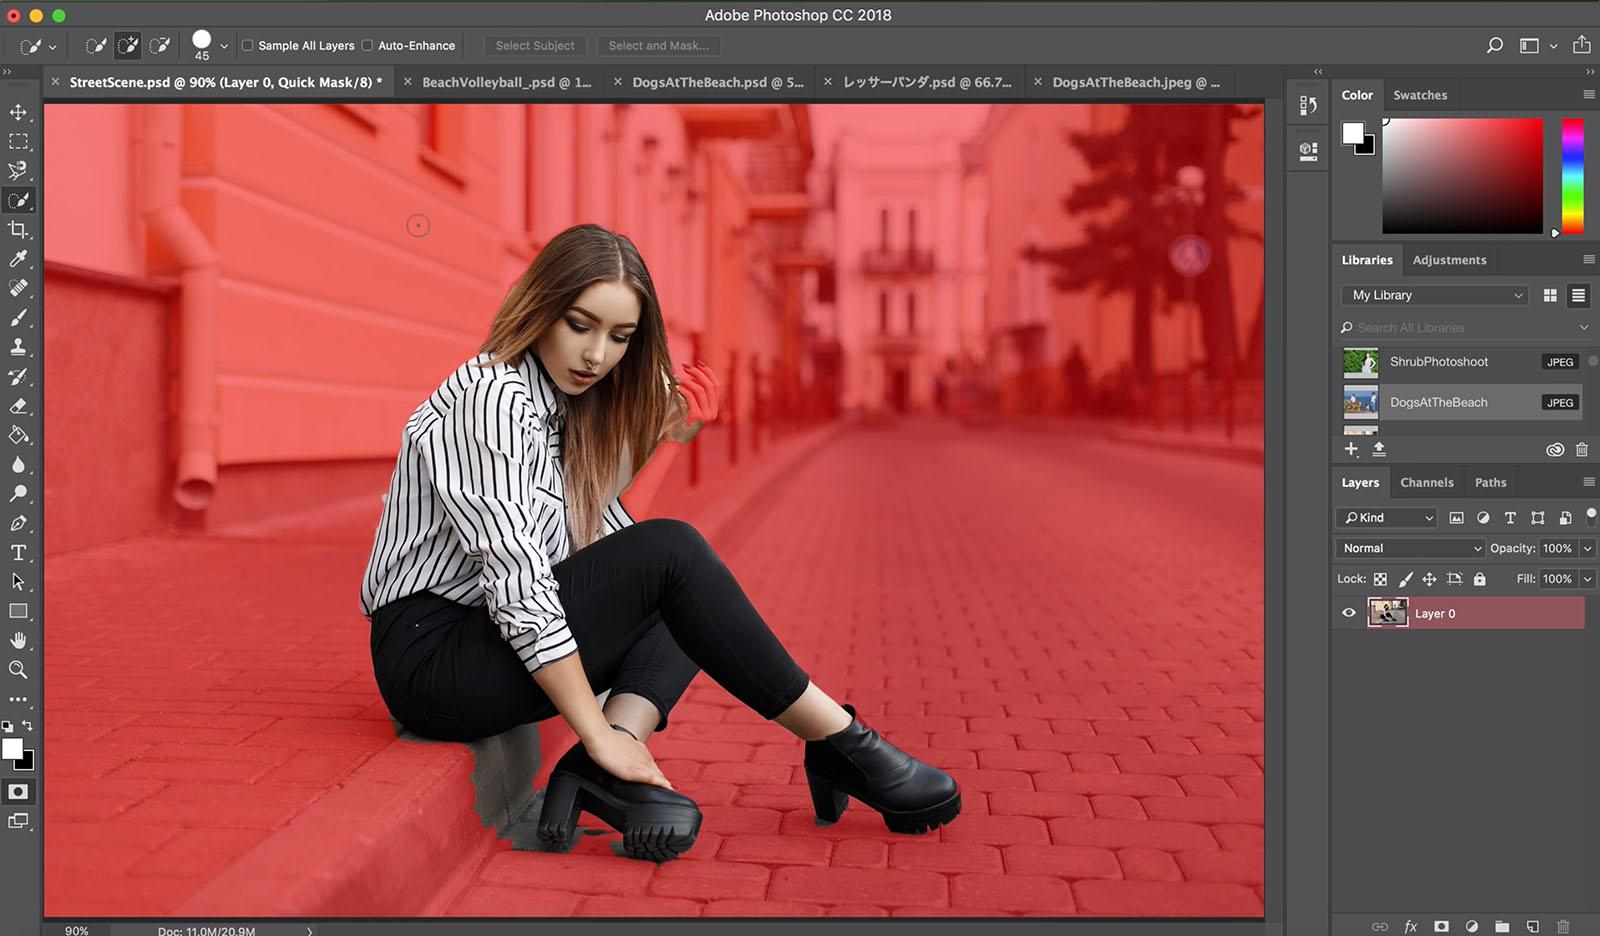 Photoshop становится проще - учится автоматически выделять объекты на фото